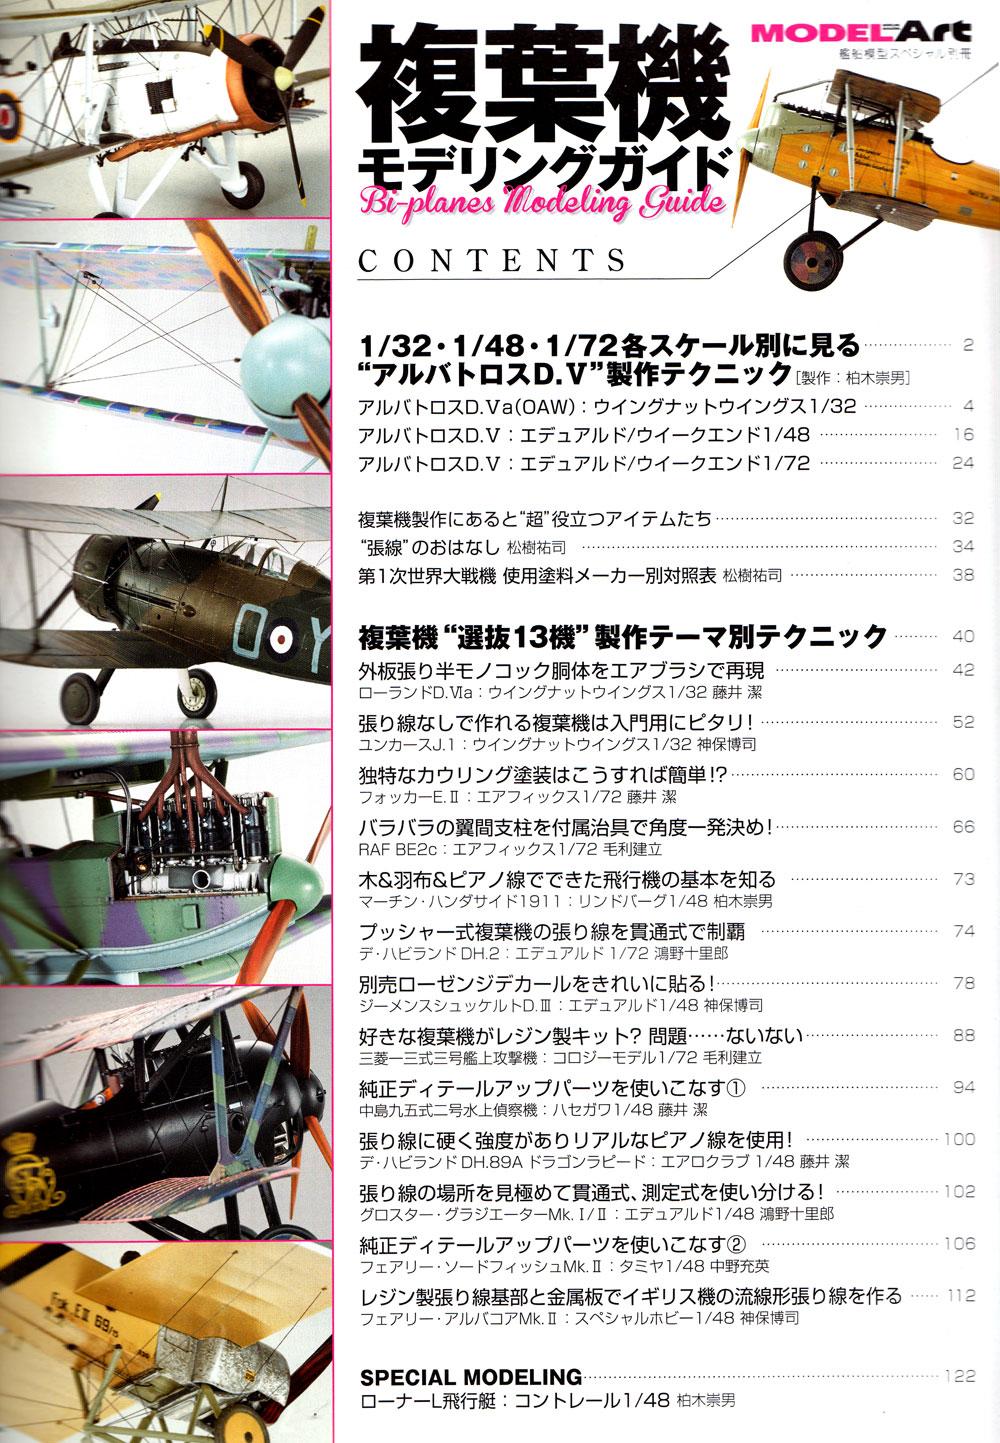 複葉機モデリングガイド本(モデルアート臨時増刊No.12320-04)商品画像_1